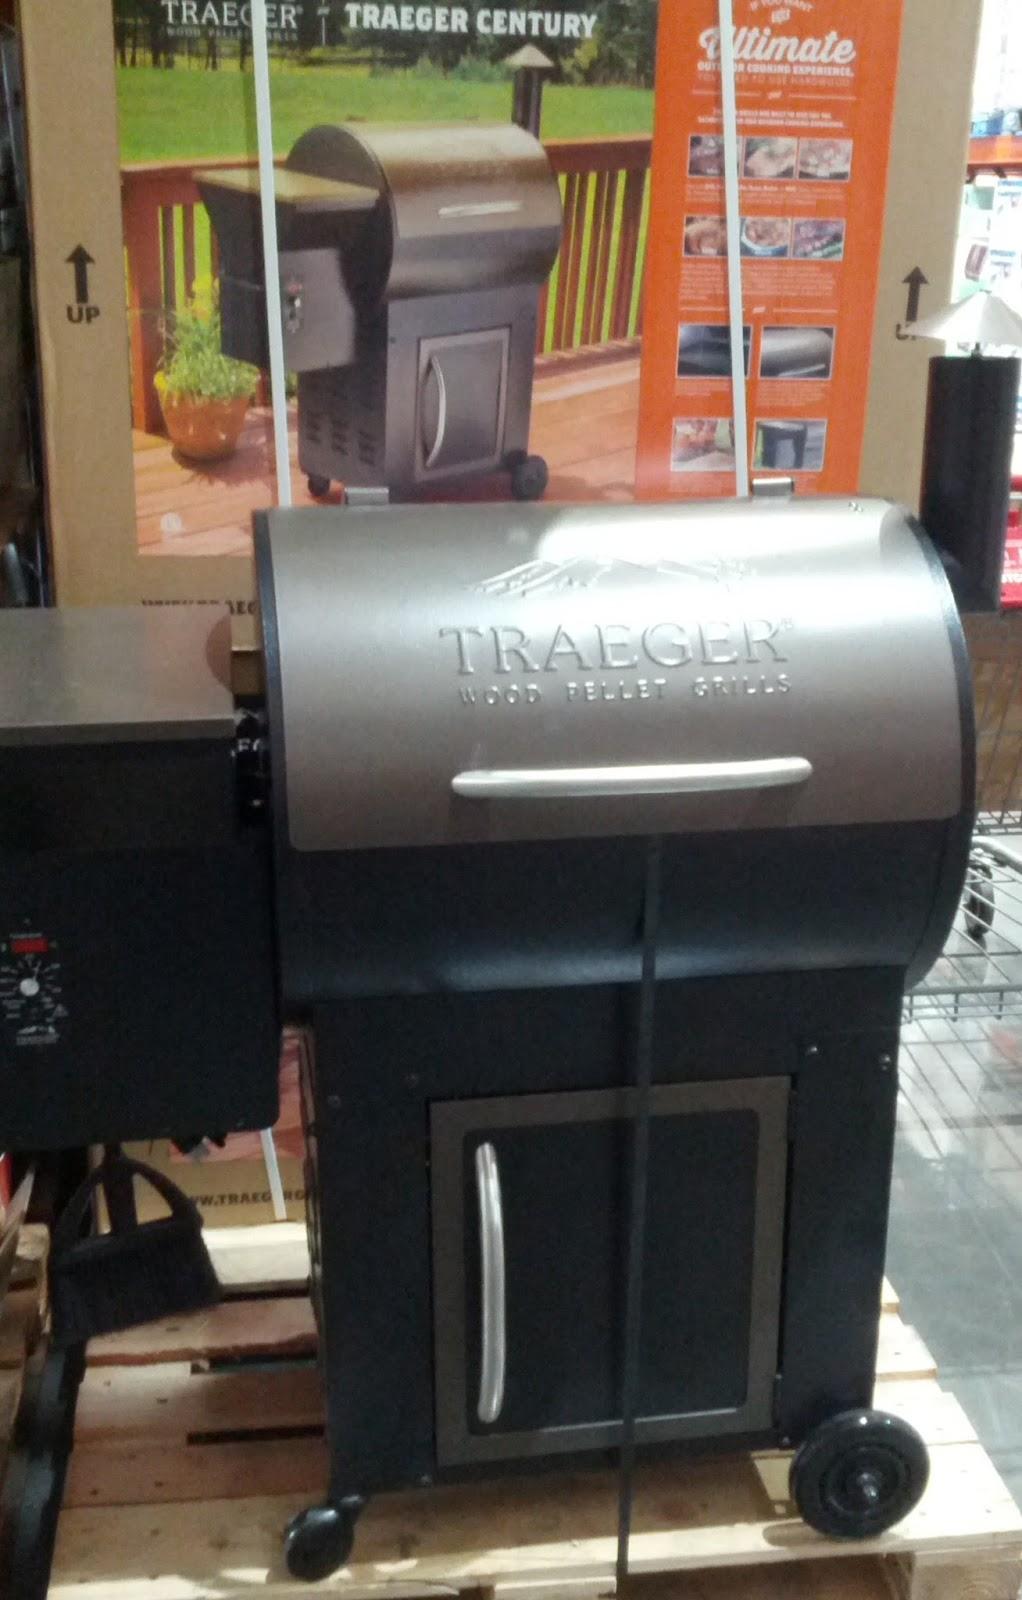 Kitchenaid Bbq Grill Costco duro nxr table top gas bbq grill costco weekender. premium